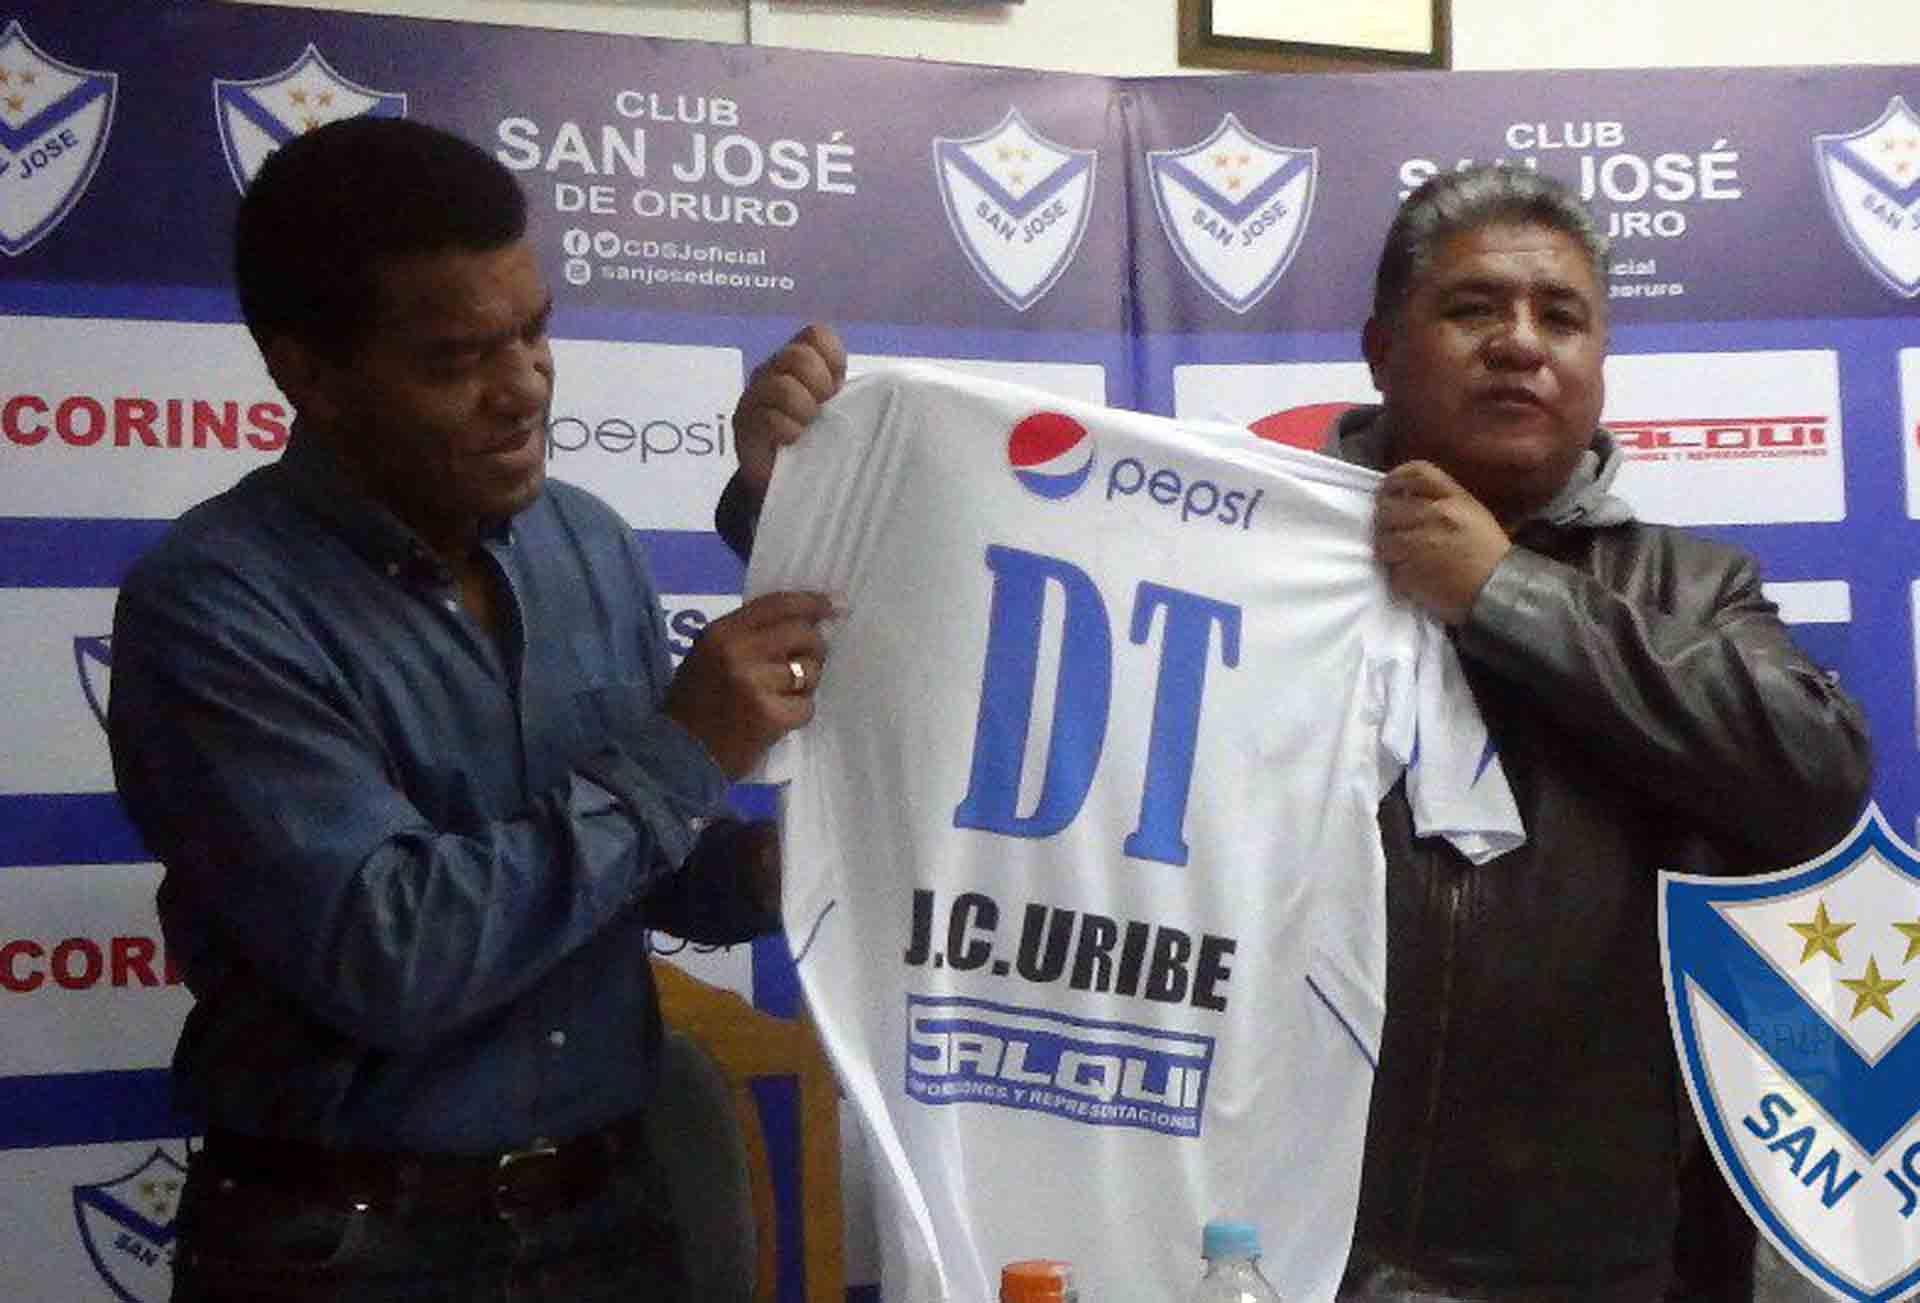 Julio César Uribe puso la valla alta en San José de Oruro